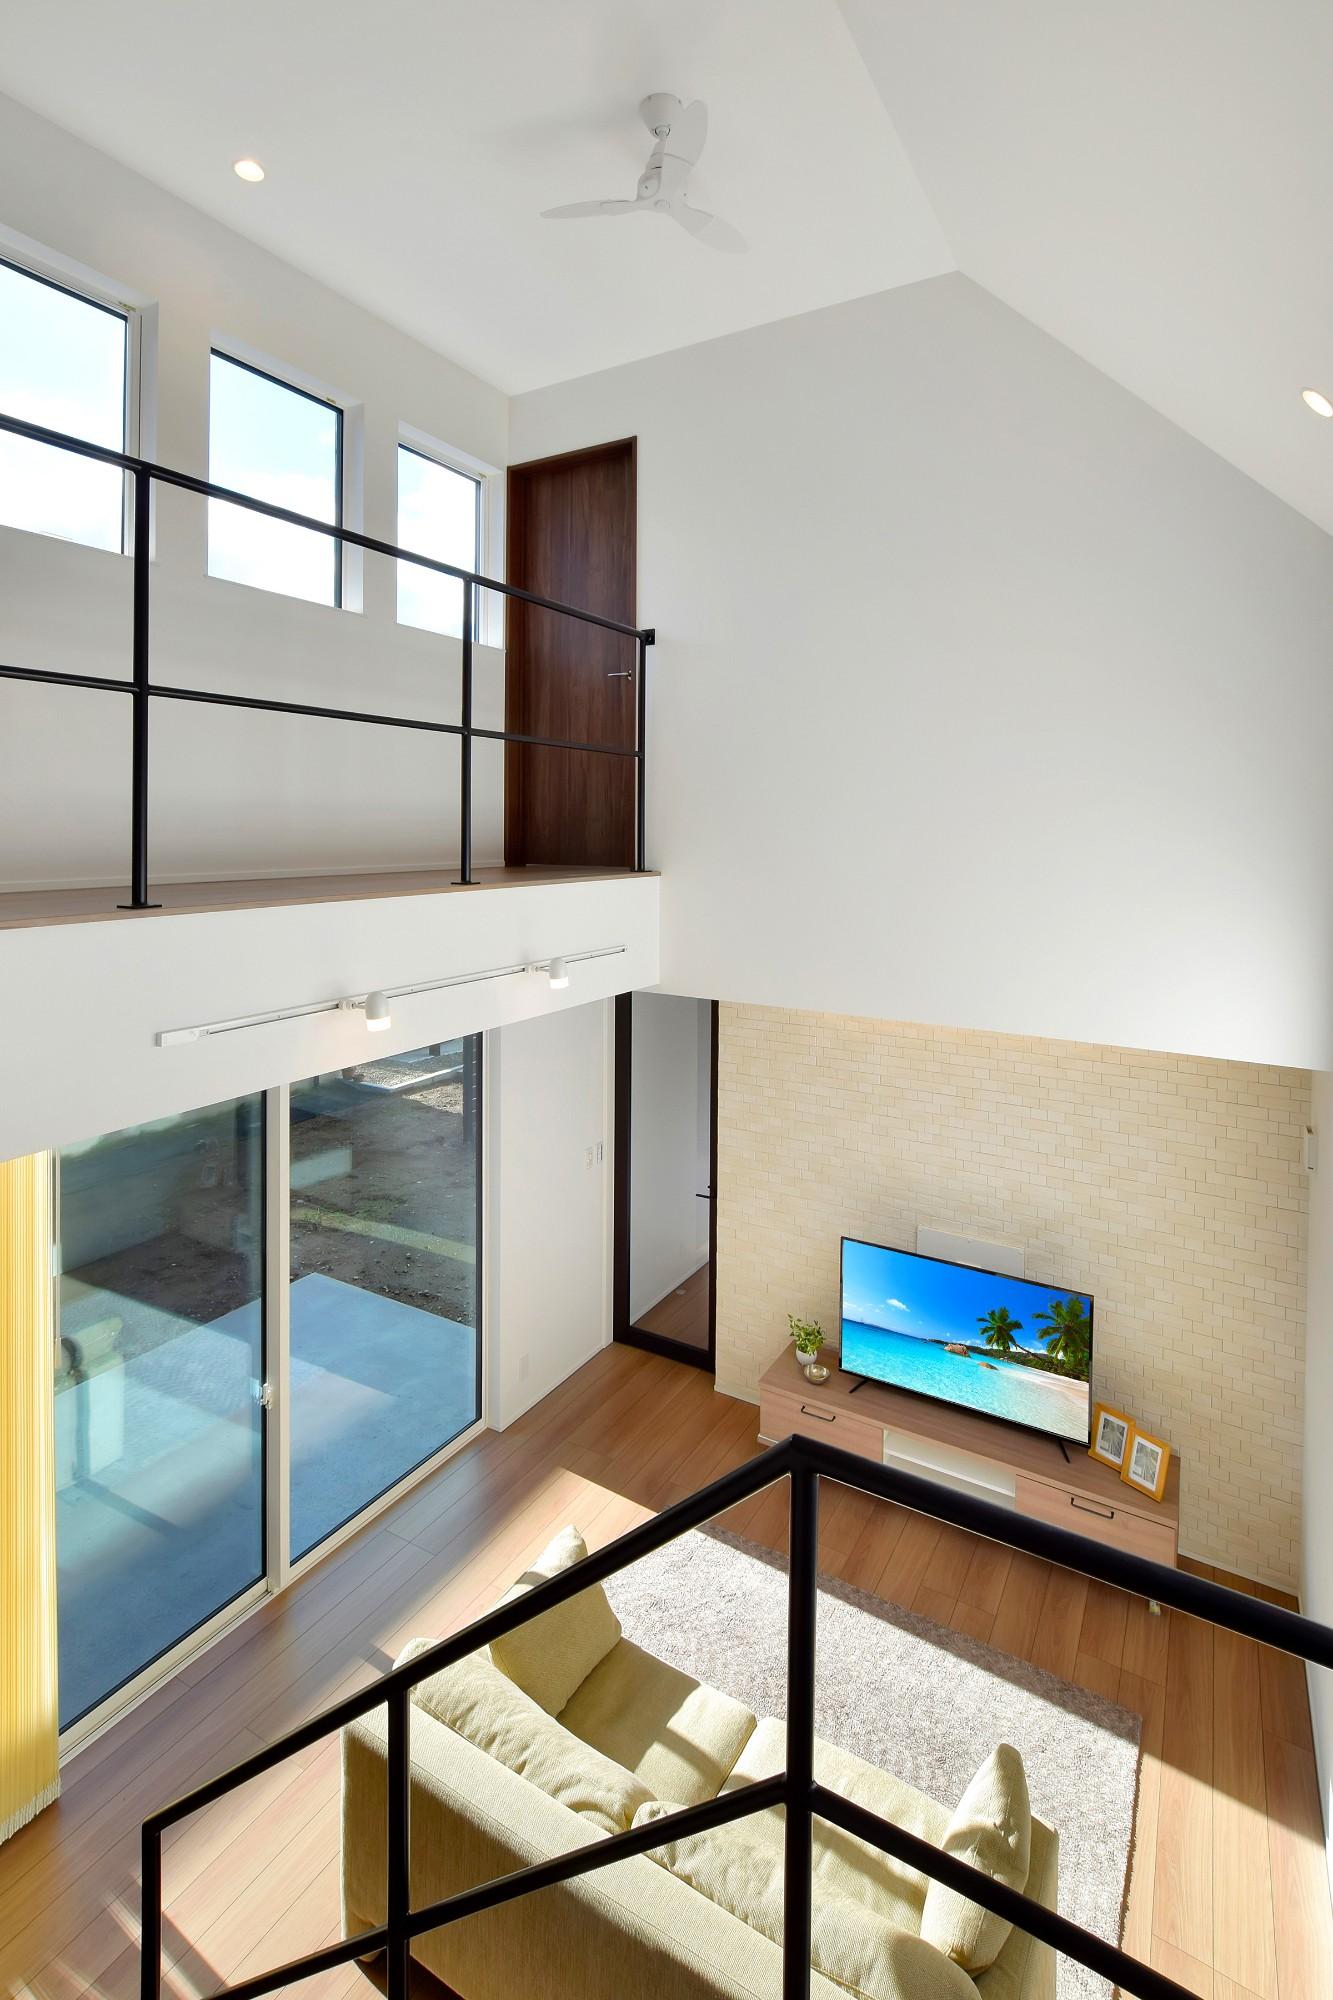 DETAIL HOME(ディテールホーム)「L字型LDKとプライベートデッキのある生活」のシンプル・ナチュラルな廊下の実例写真